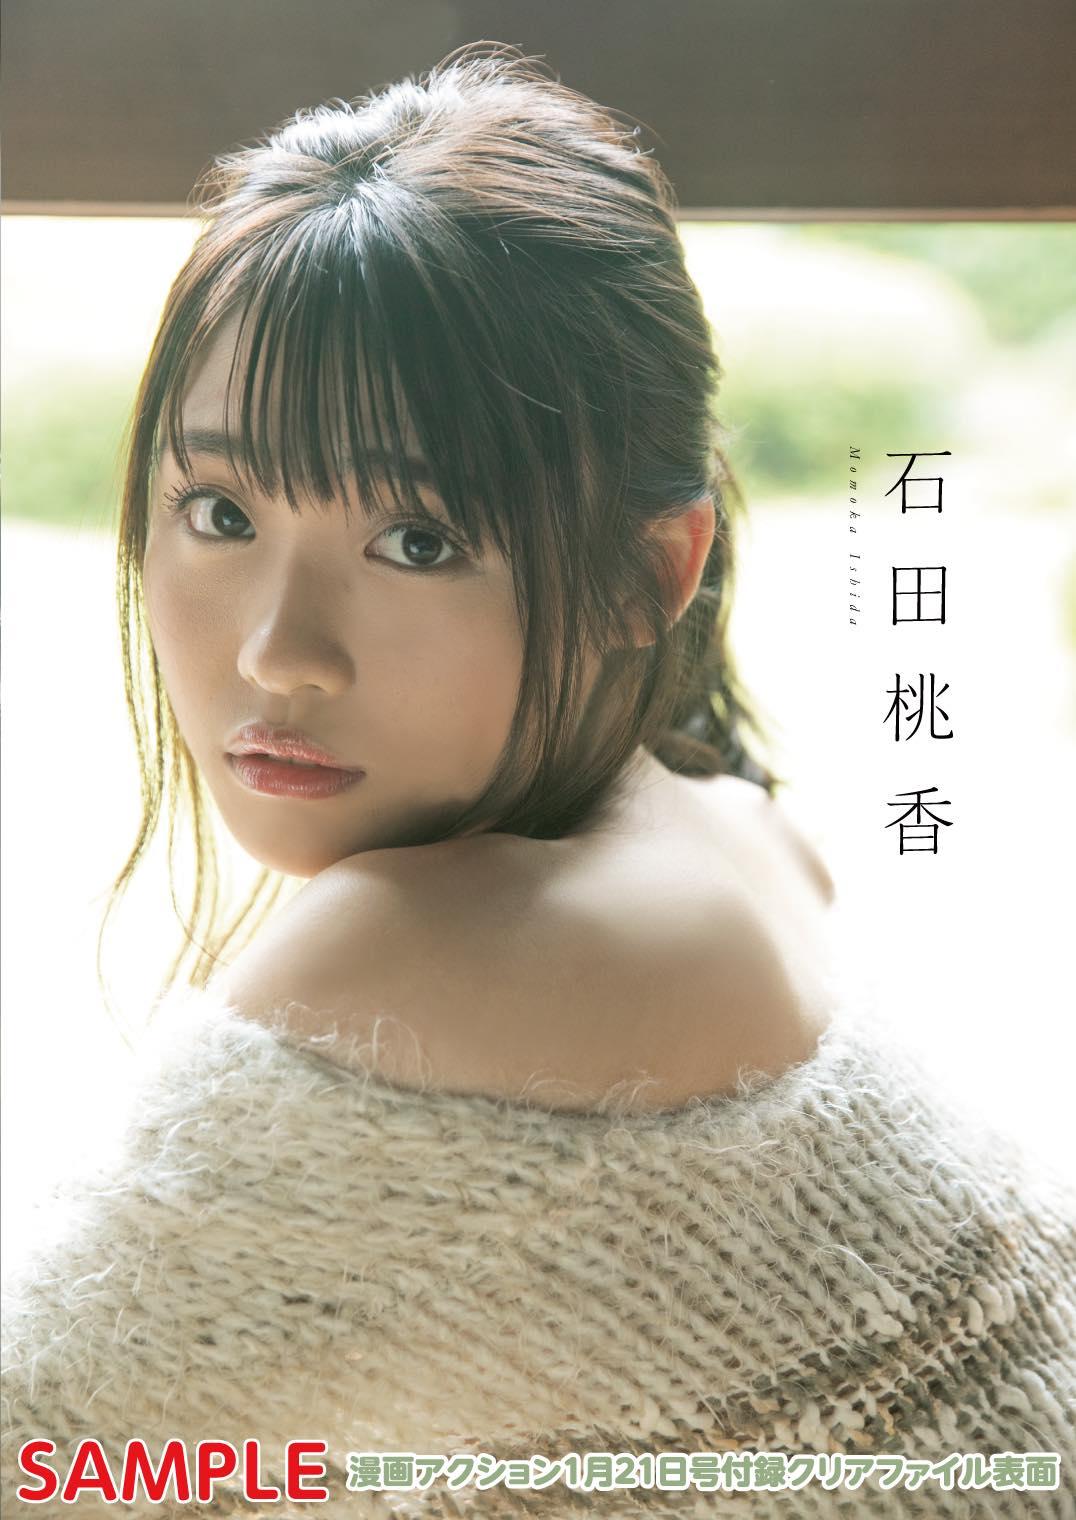 石田桃香の画像 p1_12